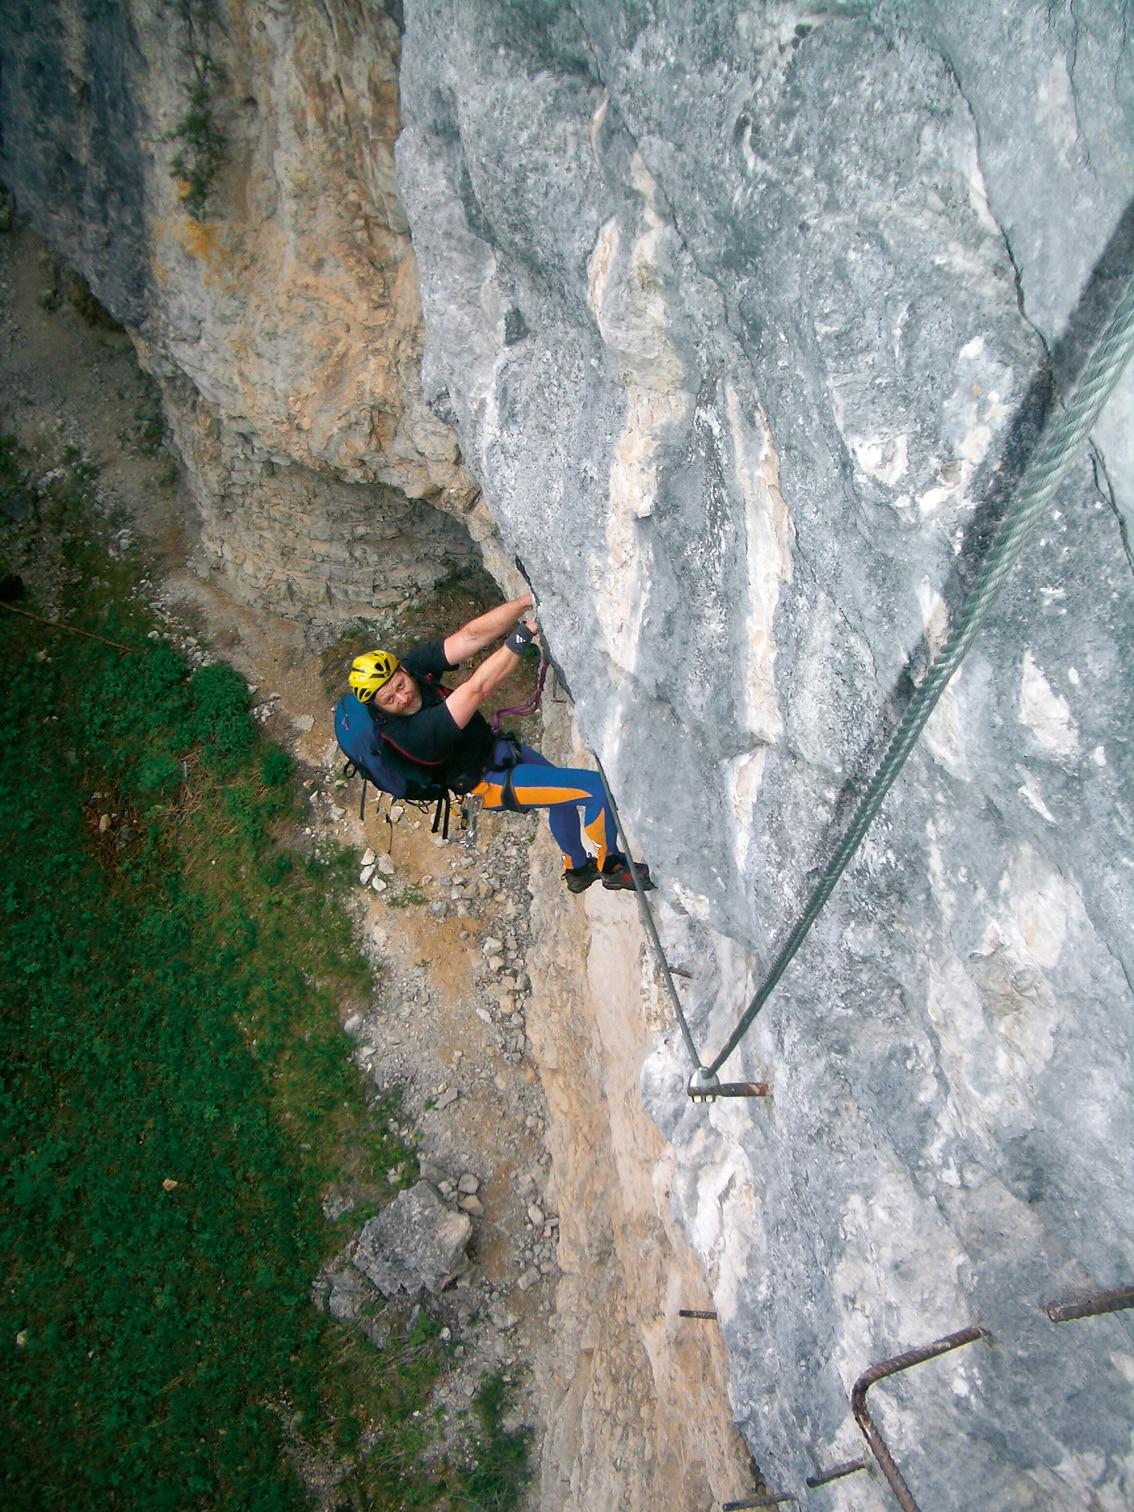 Klettersteig Postalmklamm : Klettersteige postalmklamm klettersteig d e variante f km